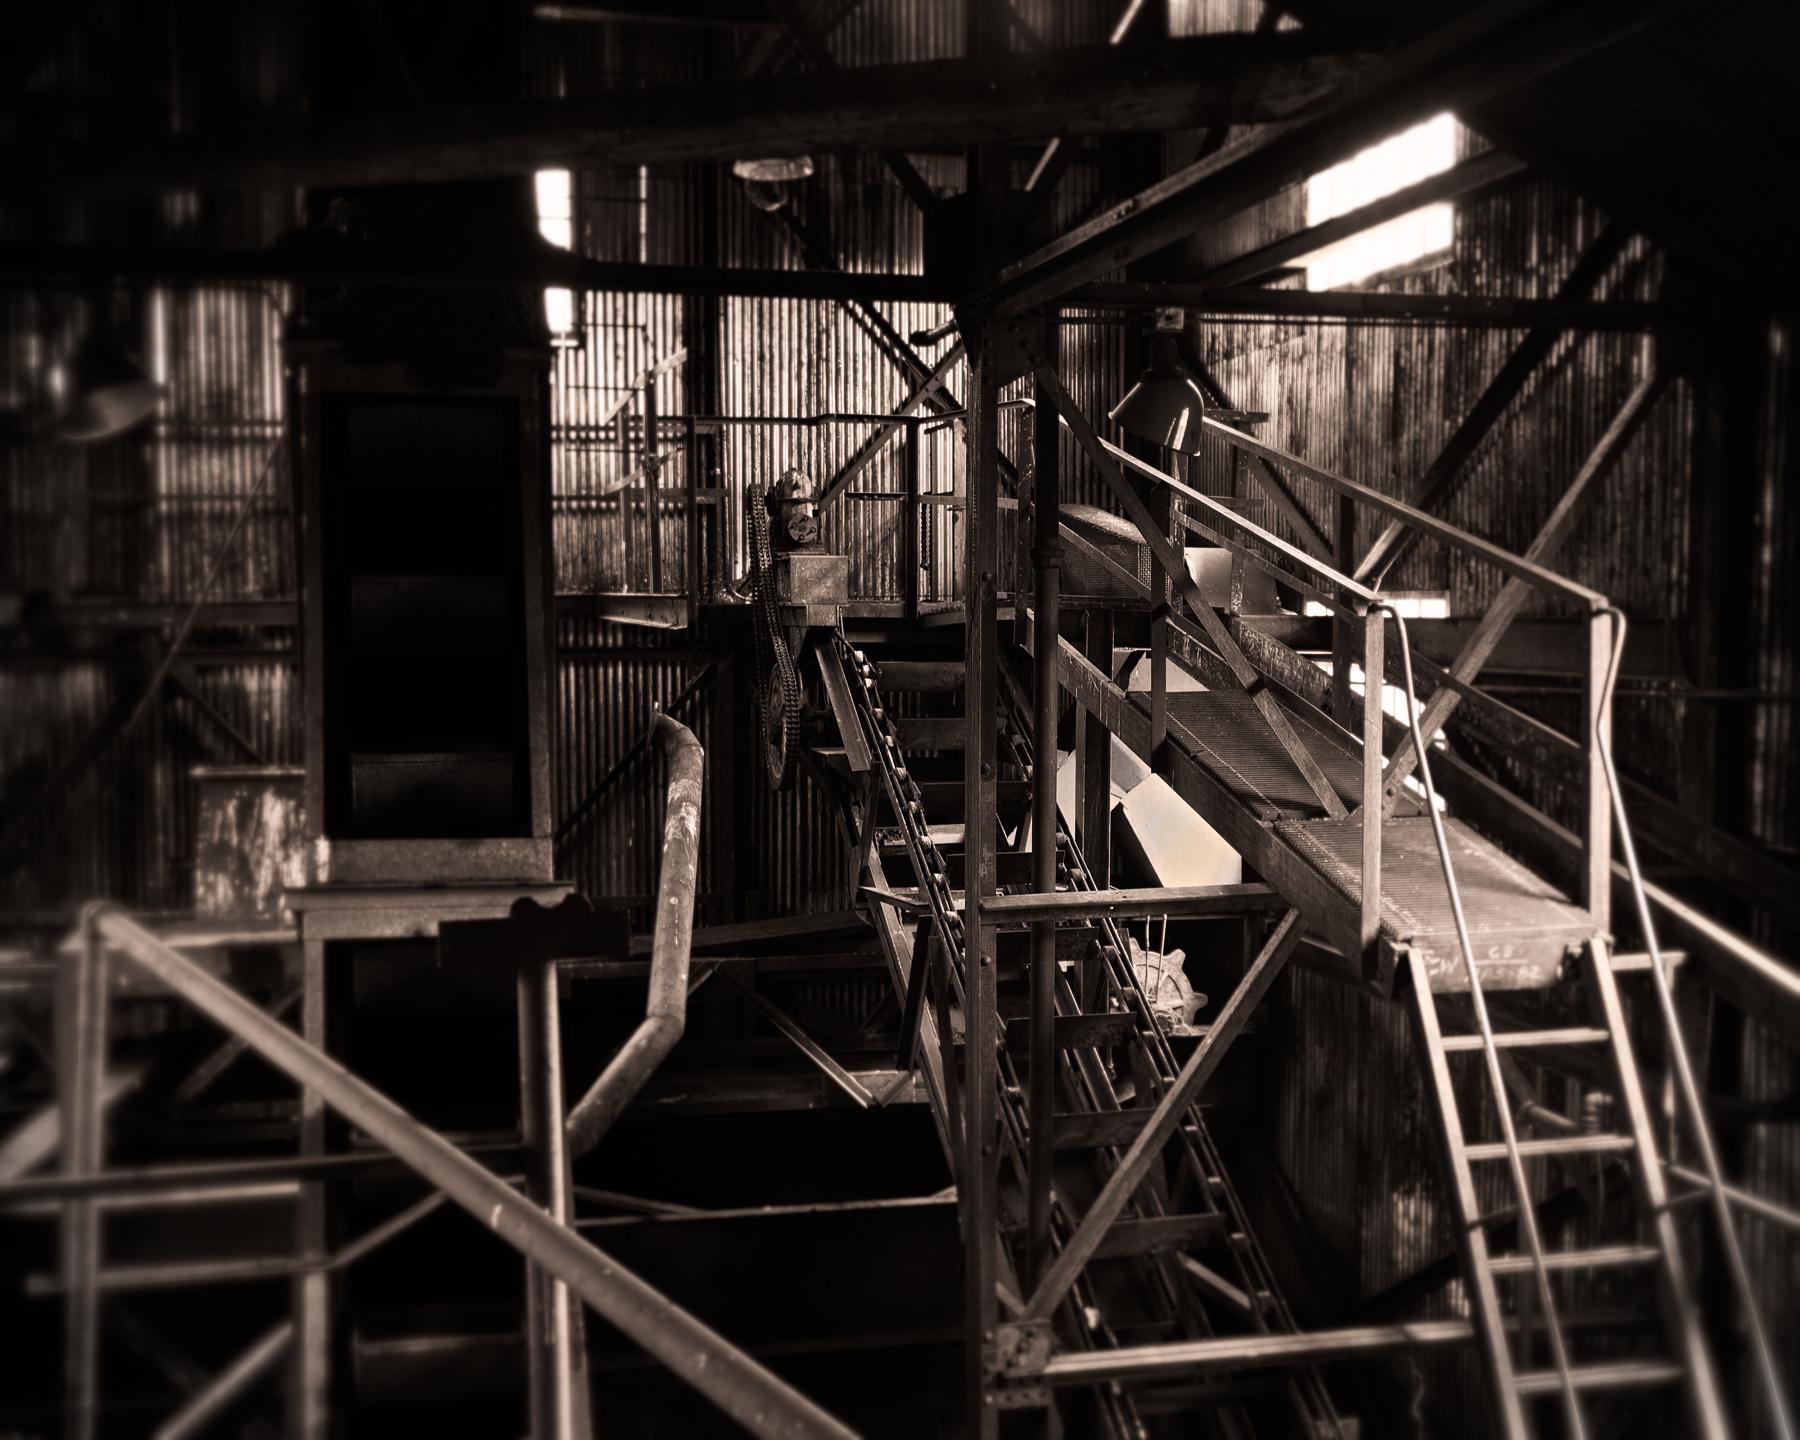 Light On the Old Steel Machine, Nordegg